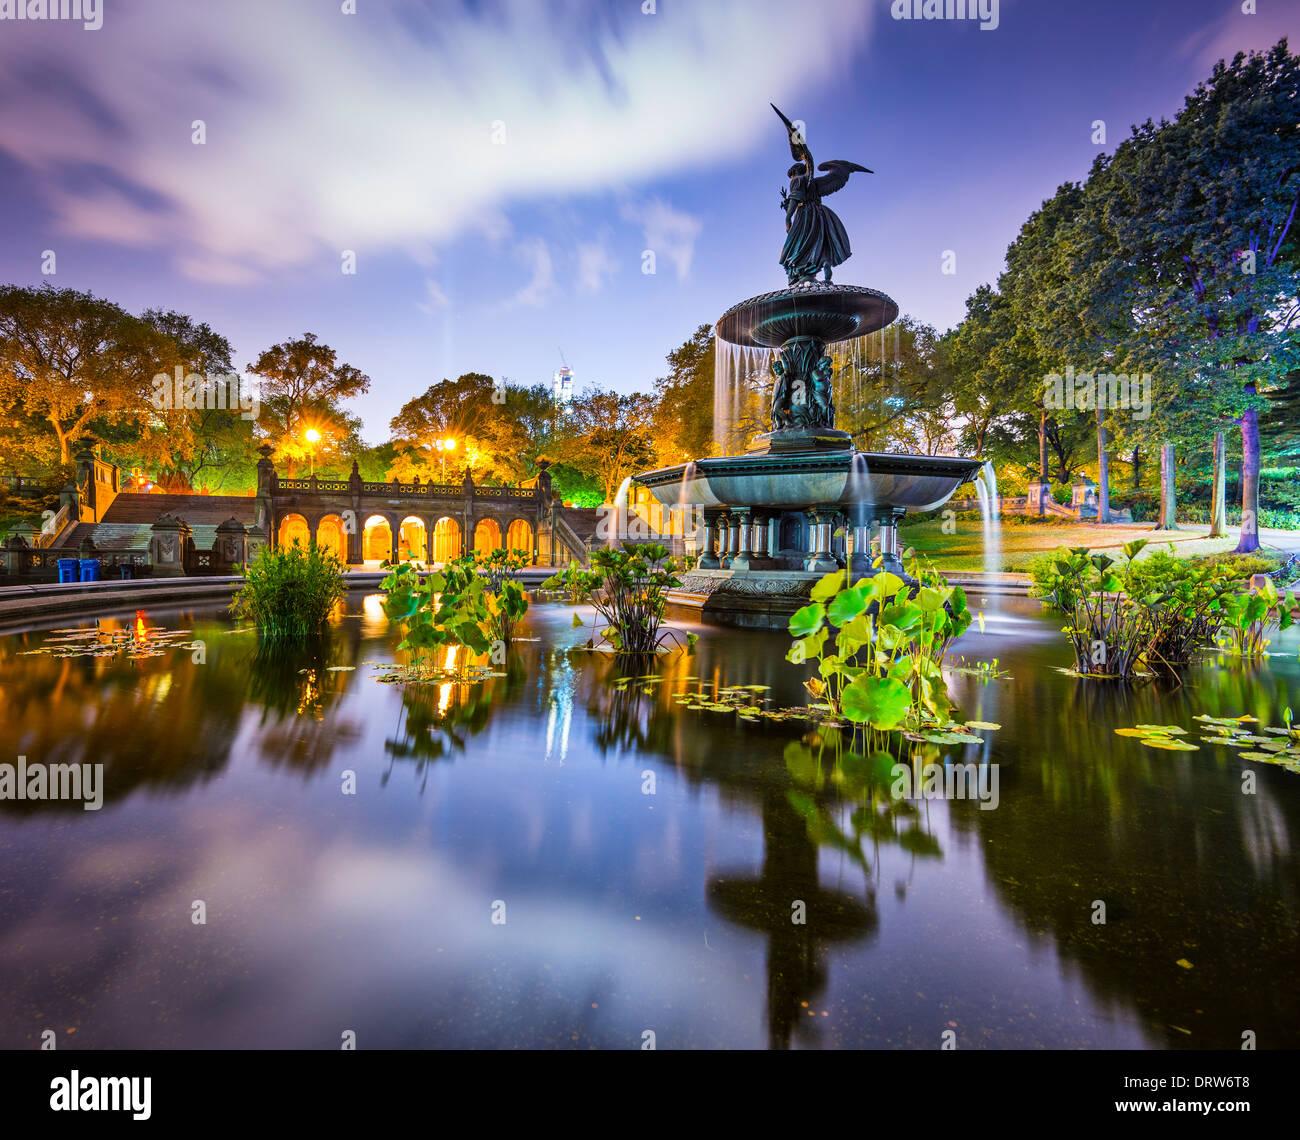 La Ciudad de Nueva York en Bethesda Terrace en Central Park. Foto de stock